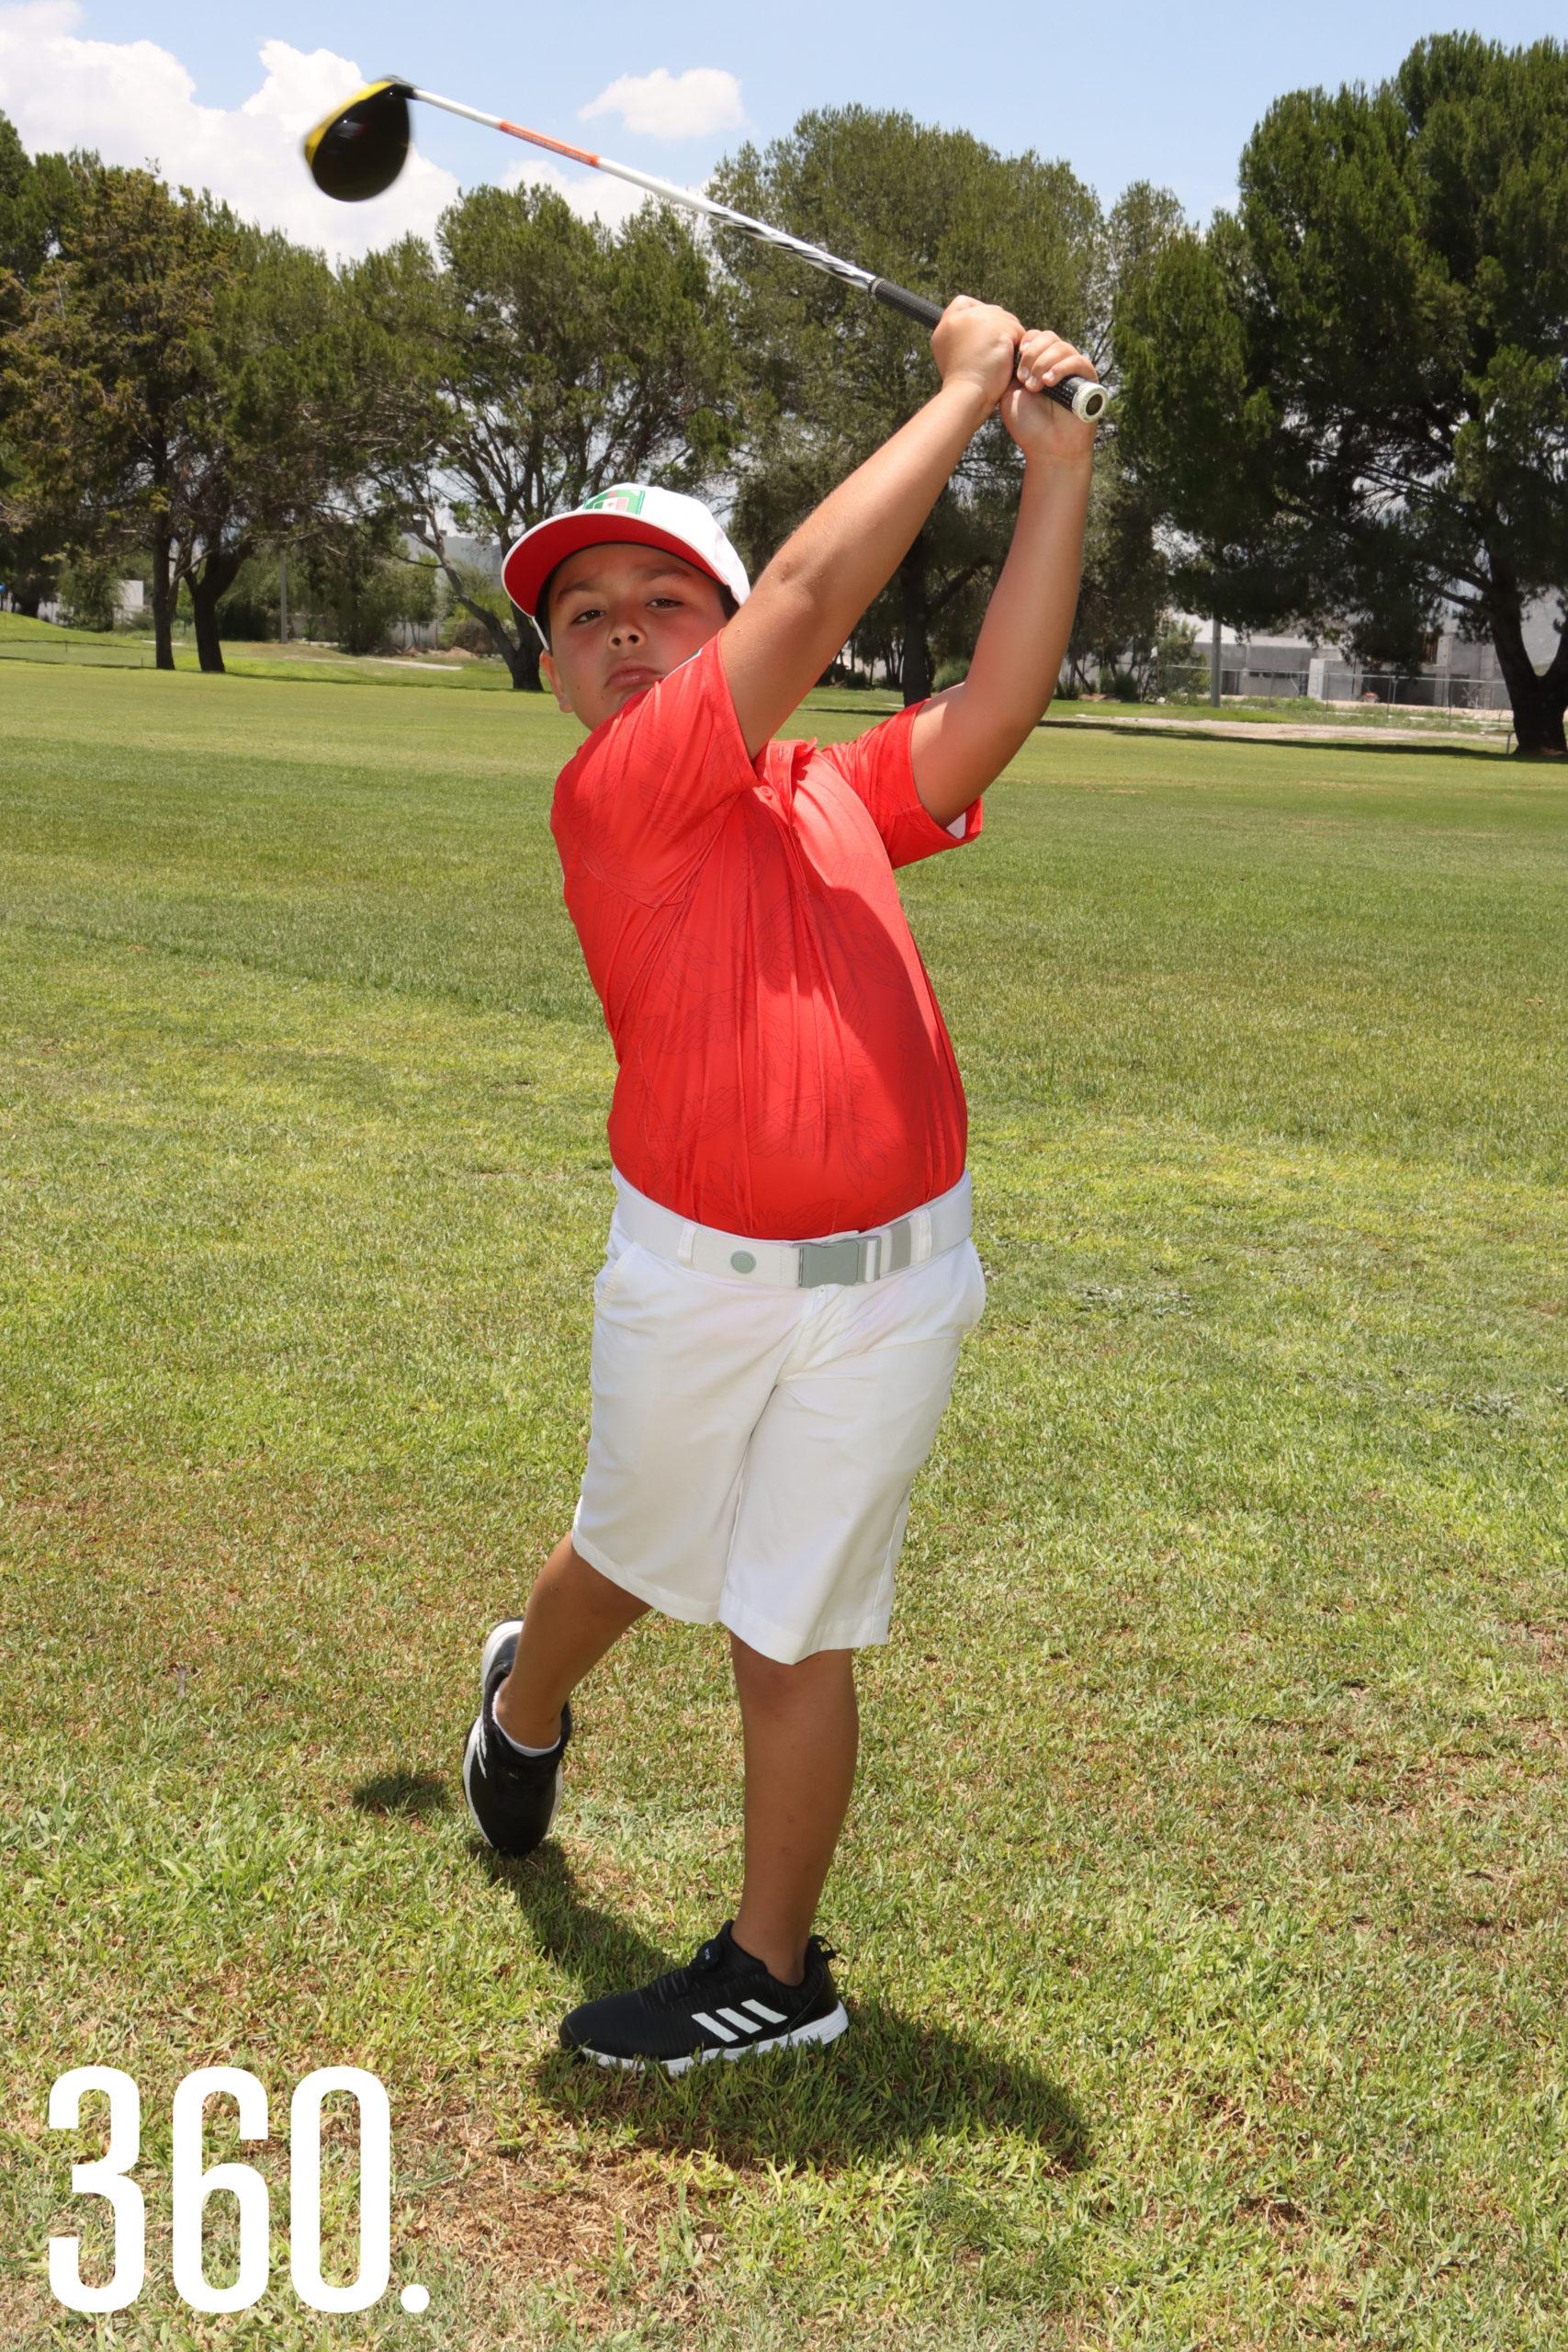 """Román Cepeda Dewey participará en """"13avo. Future Champions Golf Callaway World Championship"""", en la categoría de 8 años y menores."""